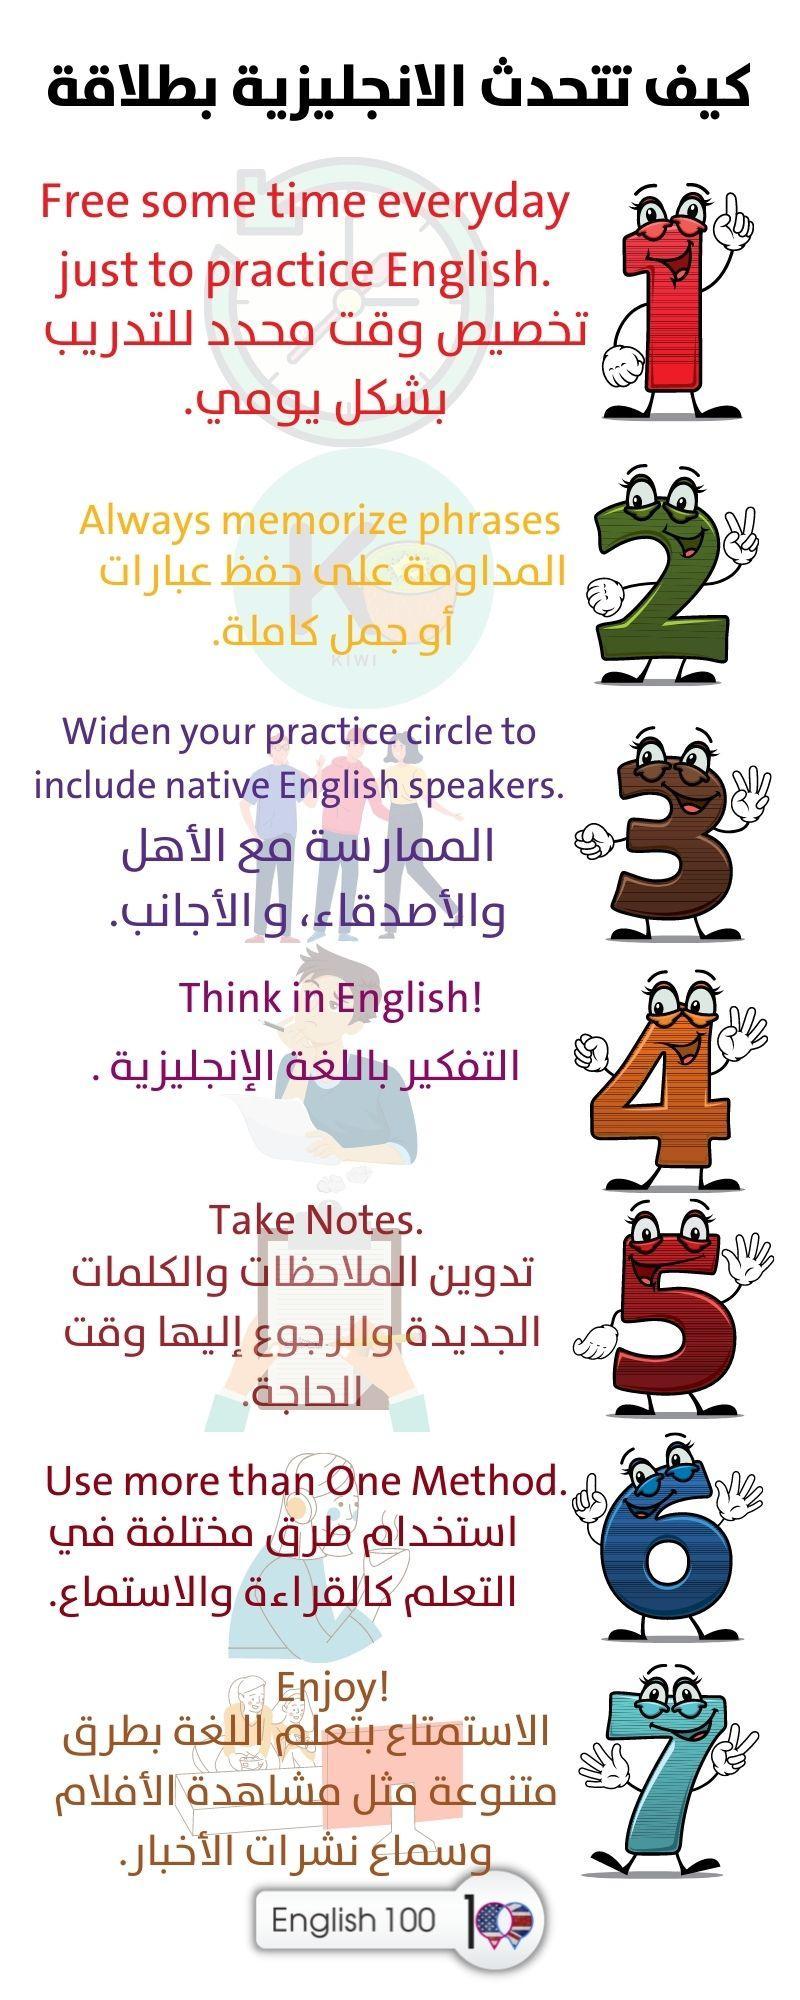 كيف تتحدث الانجليزية بطلاقة How to Speak English Fluently